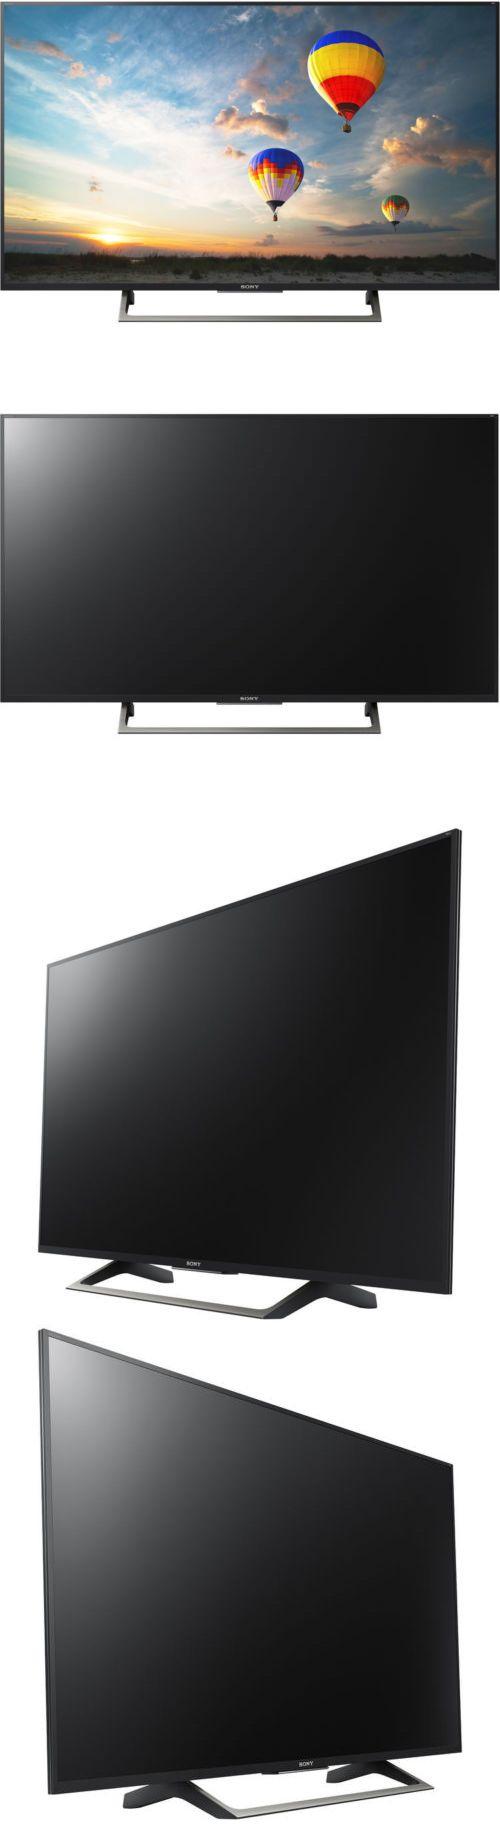 Smart TV: Sony Xbr49x800e 49-Inch 4K Ultra Hd Smart Led Tv (2017 Model) -> BUY IT NOW ONLY: $798 on eBay!